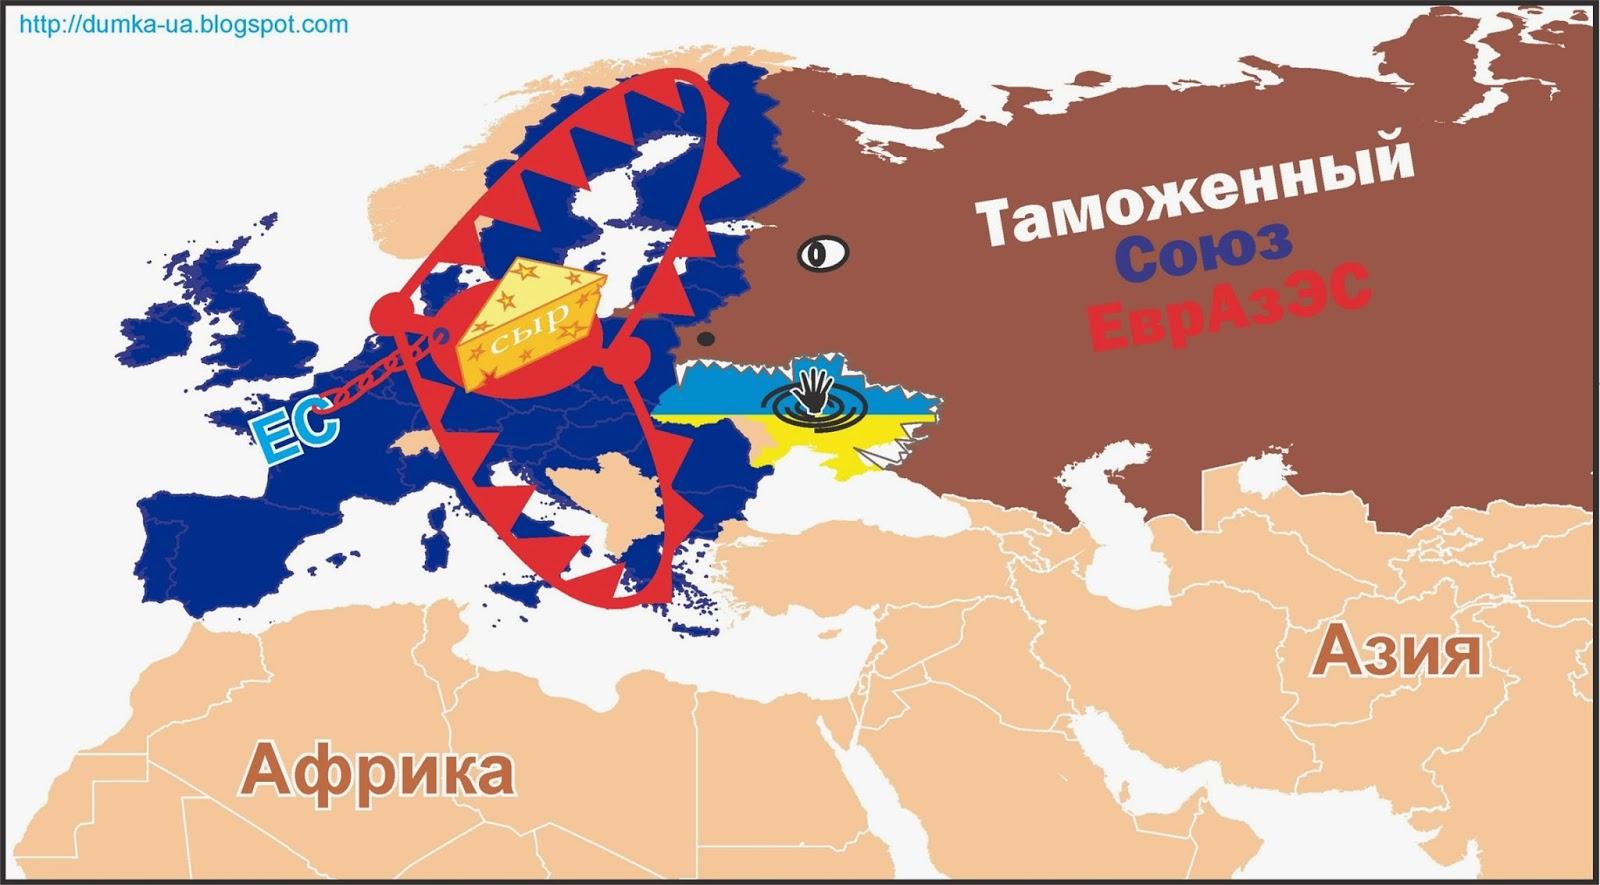 Россия способствовала обострению конфликта в Украине, - Бундестаг - Цензор.НЕТ 2744